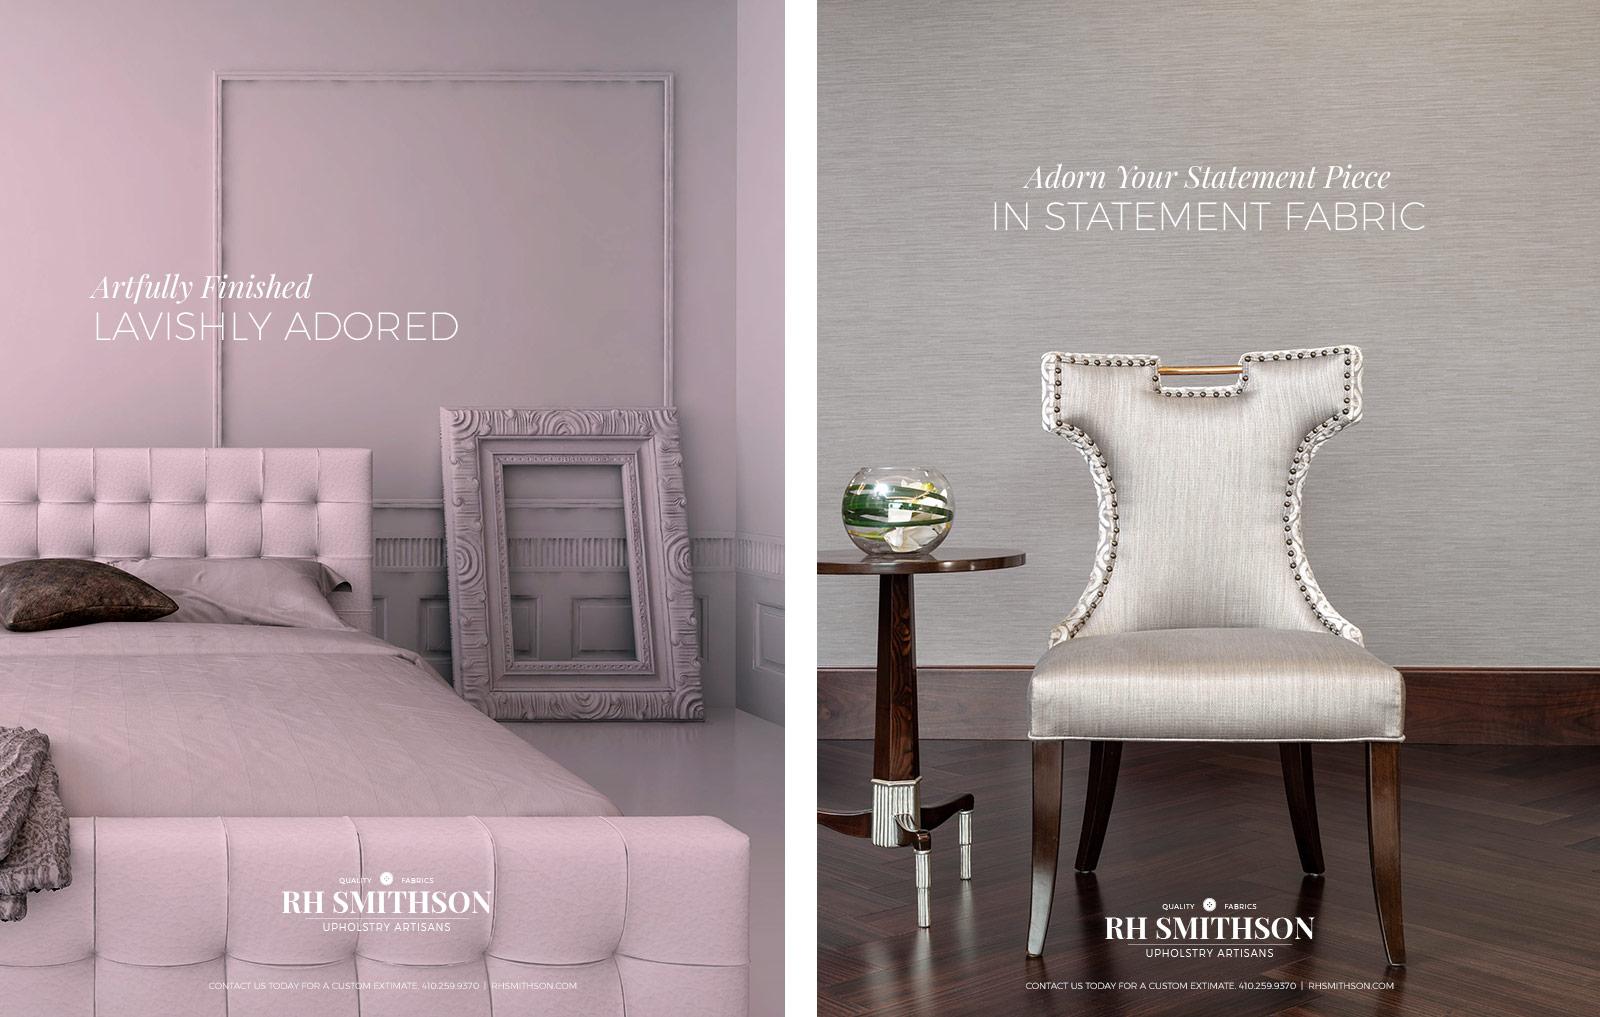 RH Smithson Ads - Brian Behm Design